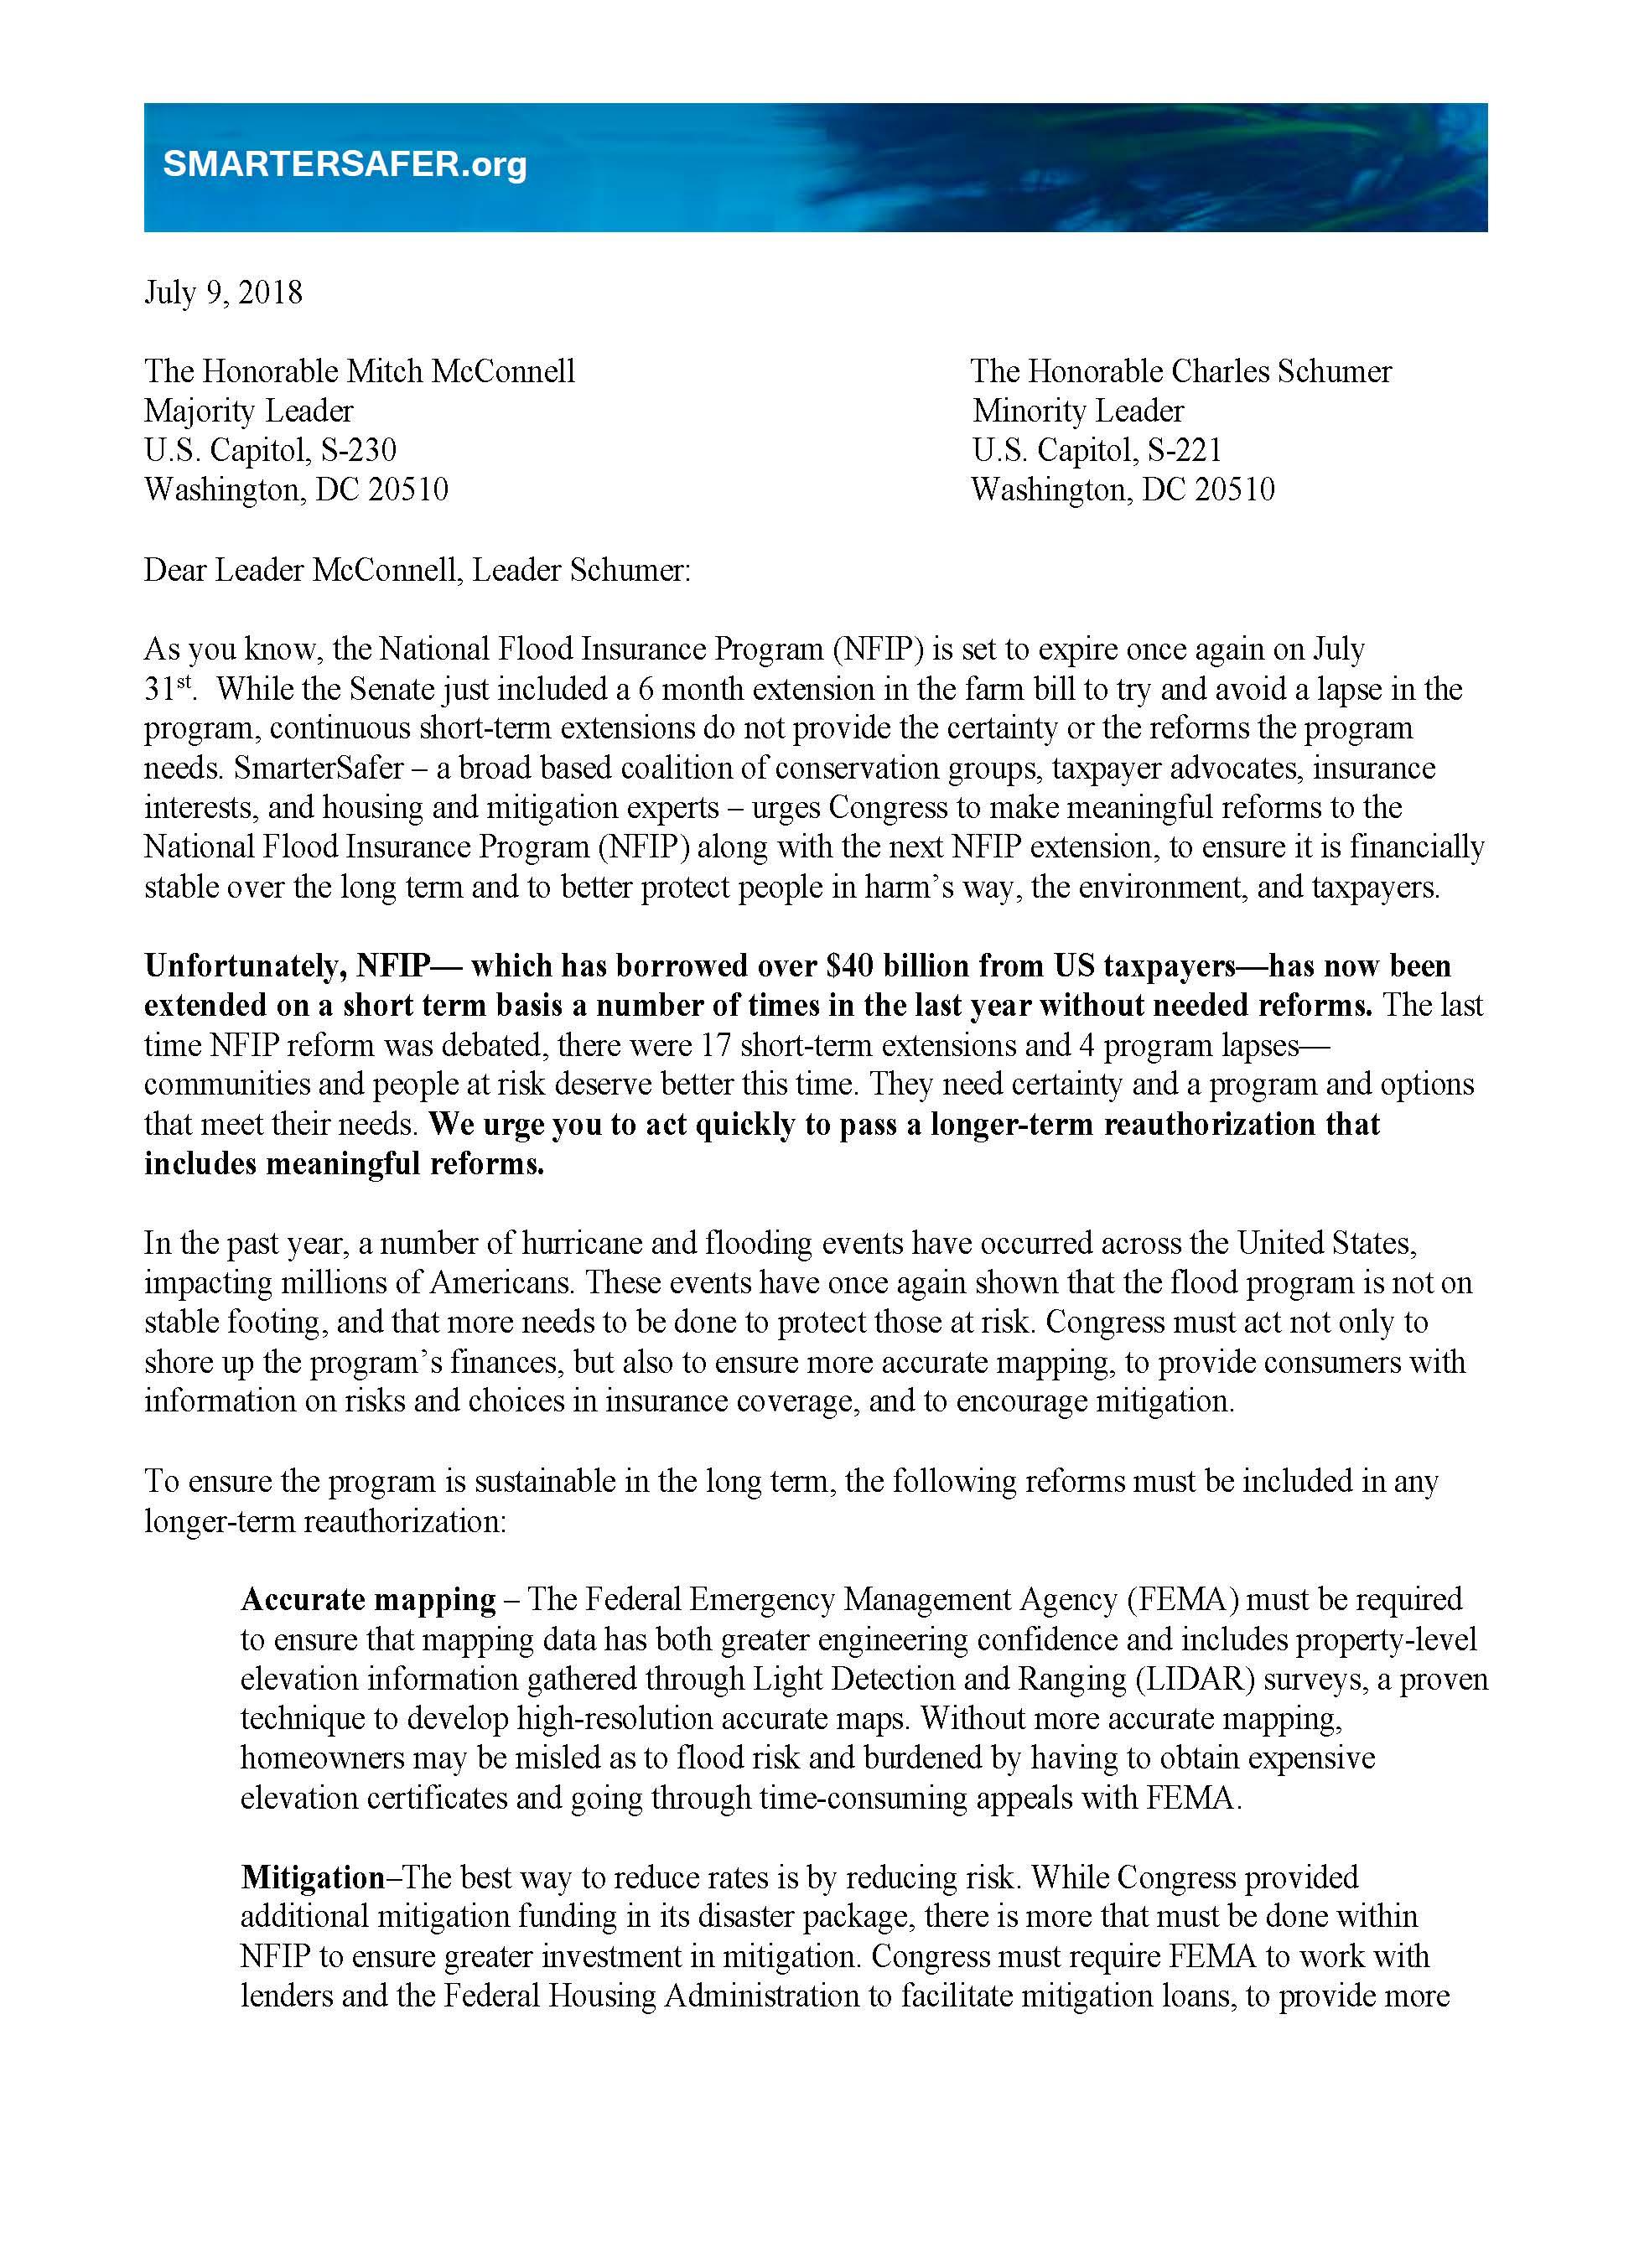 SmarterSafer letter 7.5.18_Page_1.jpg